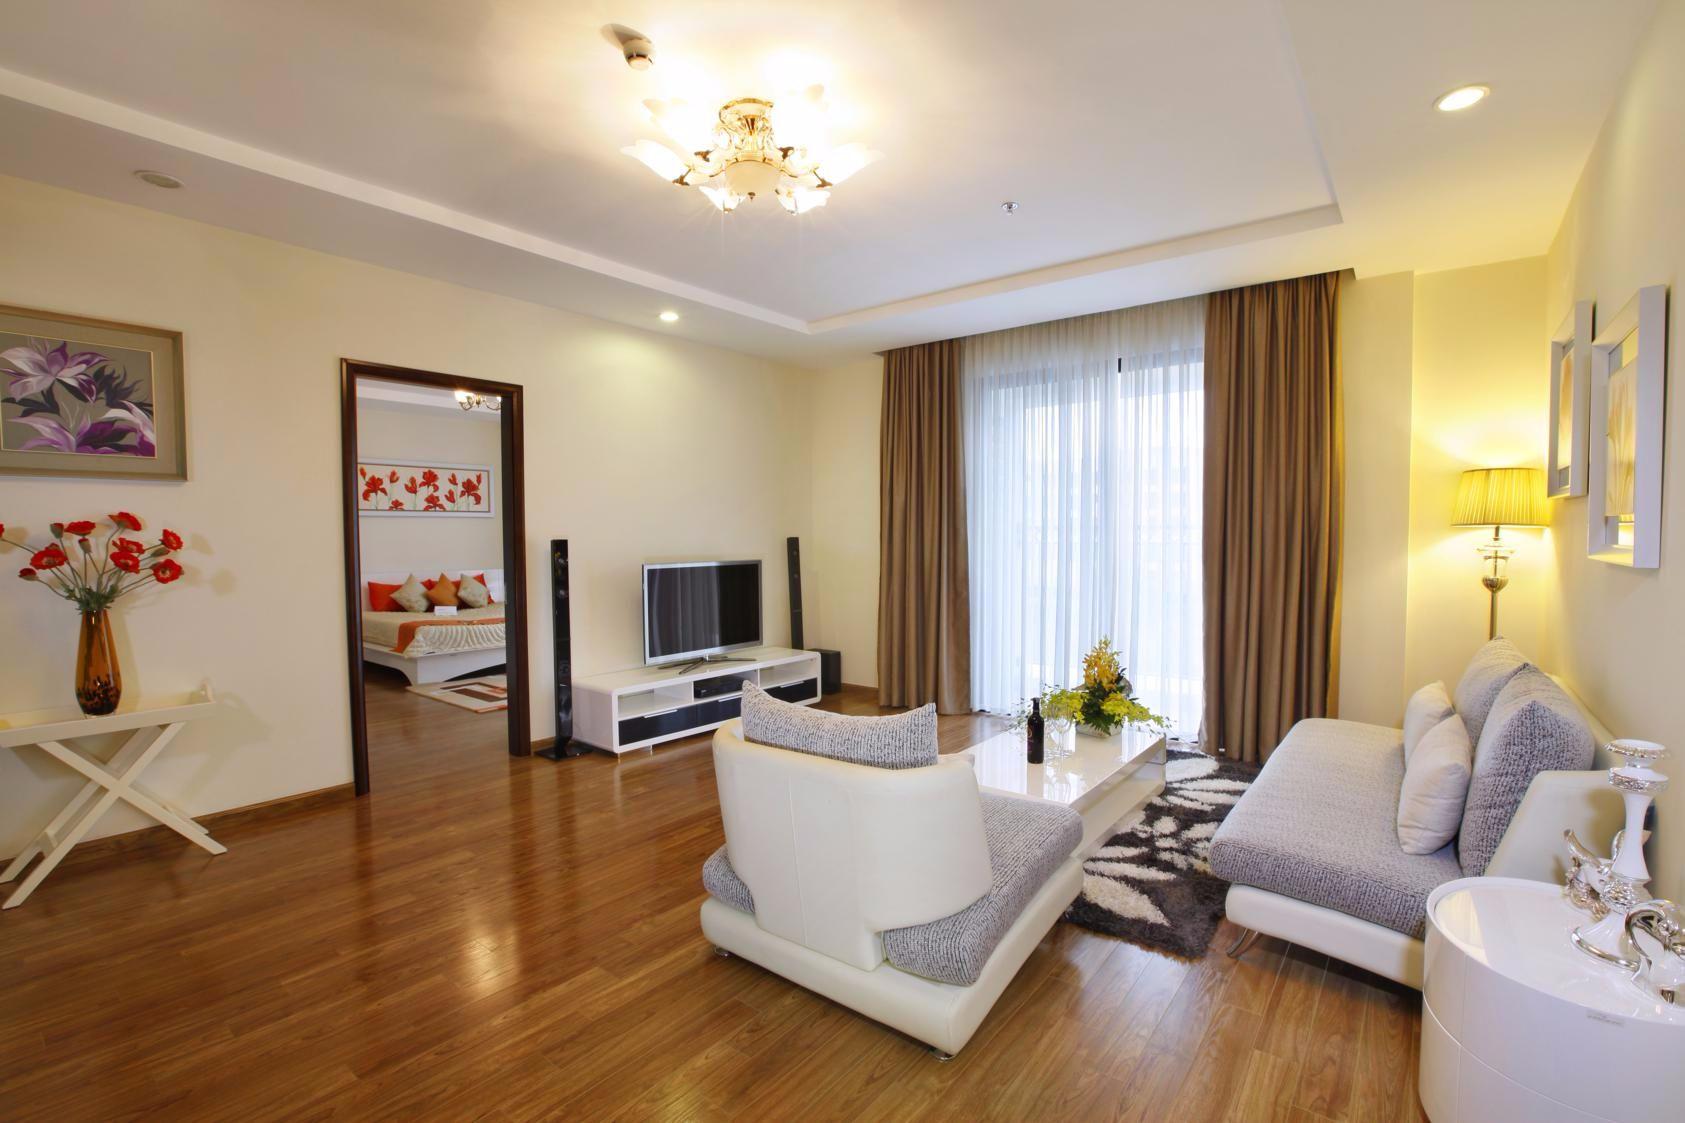 3 điều cần lưu ý khi thiết kế căn hộ chung cư trọn gói